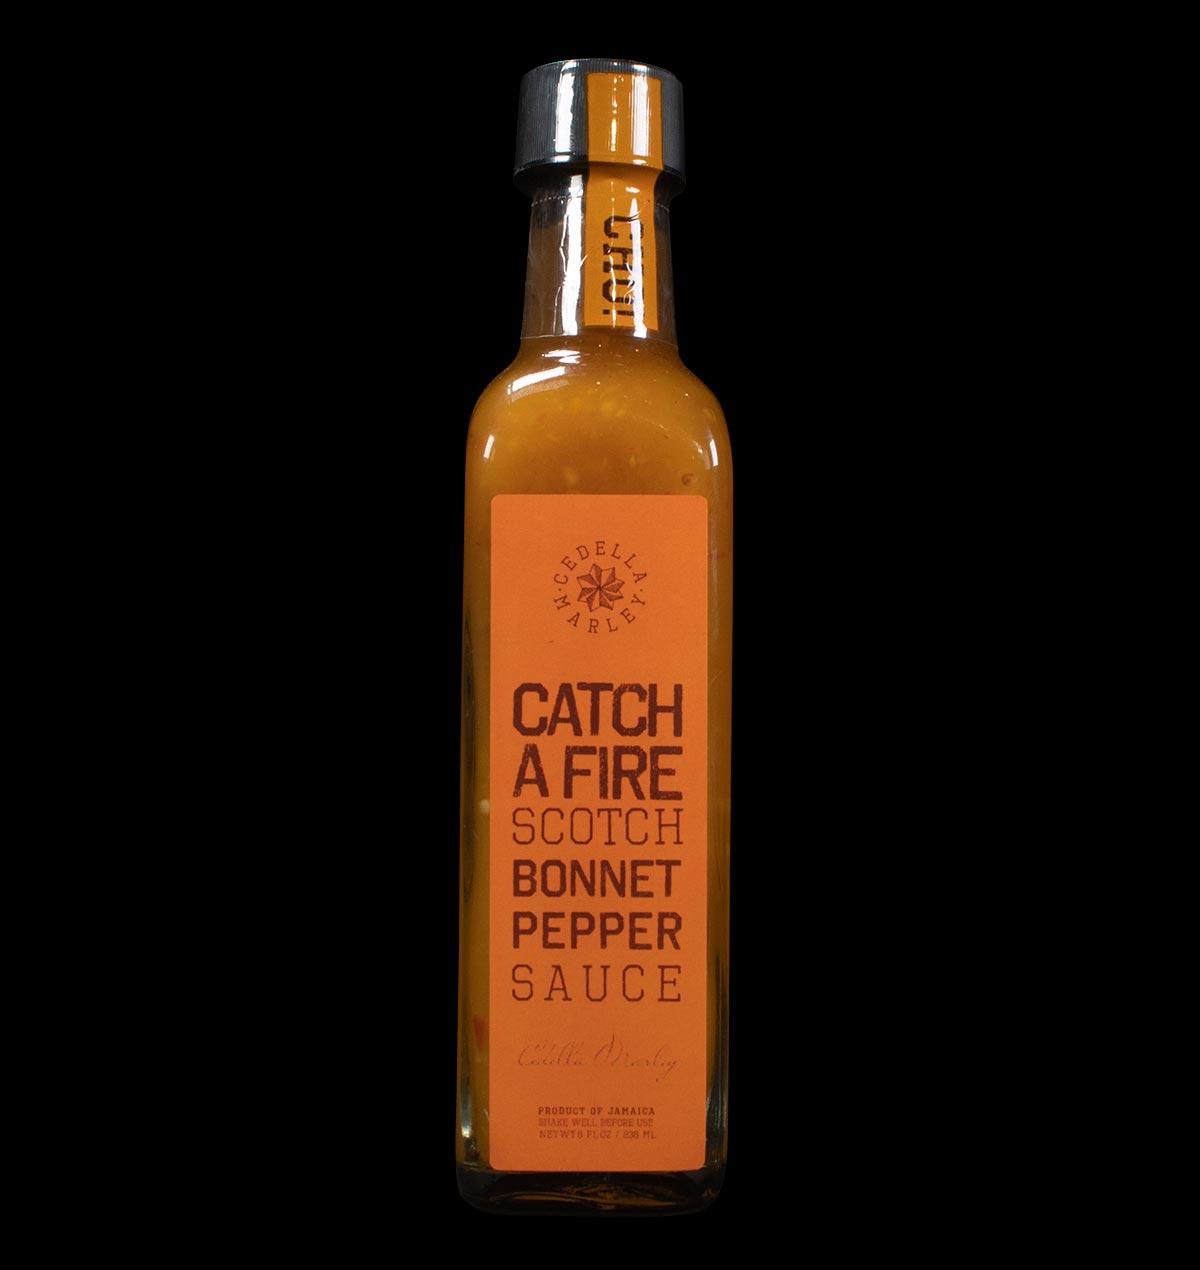 Catch a Fire Scotch Bonnet Pepper Sauce